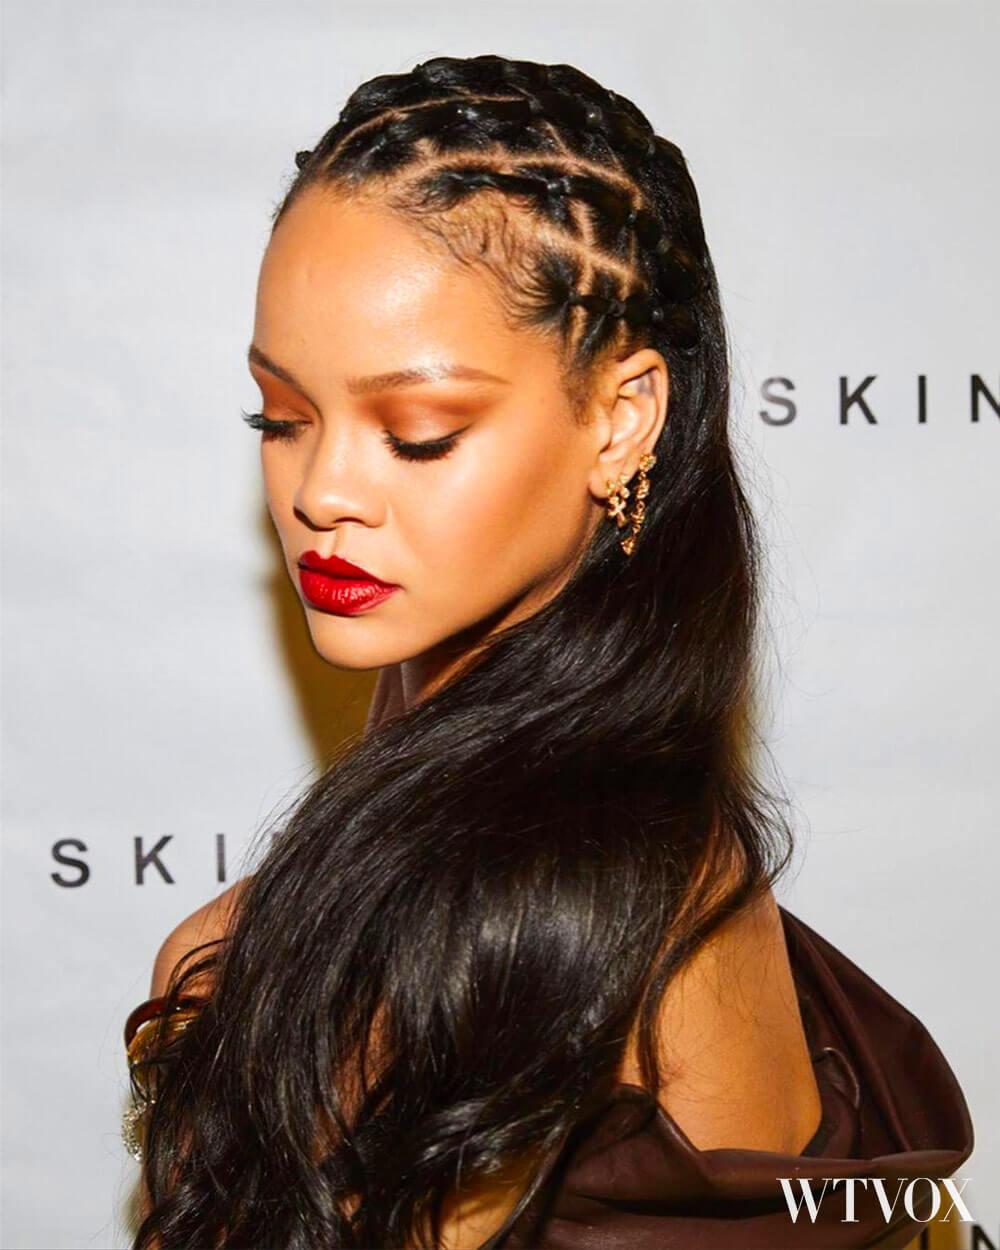 Rihanna in Fenty Skin openning